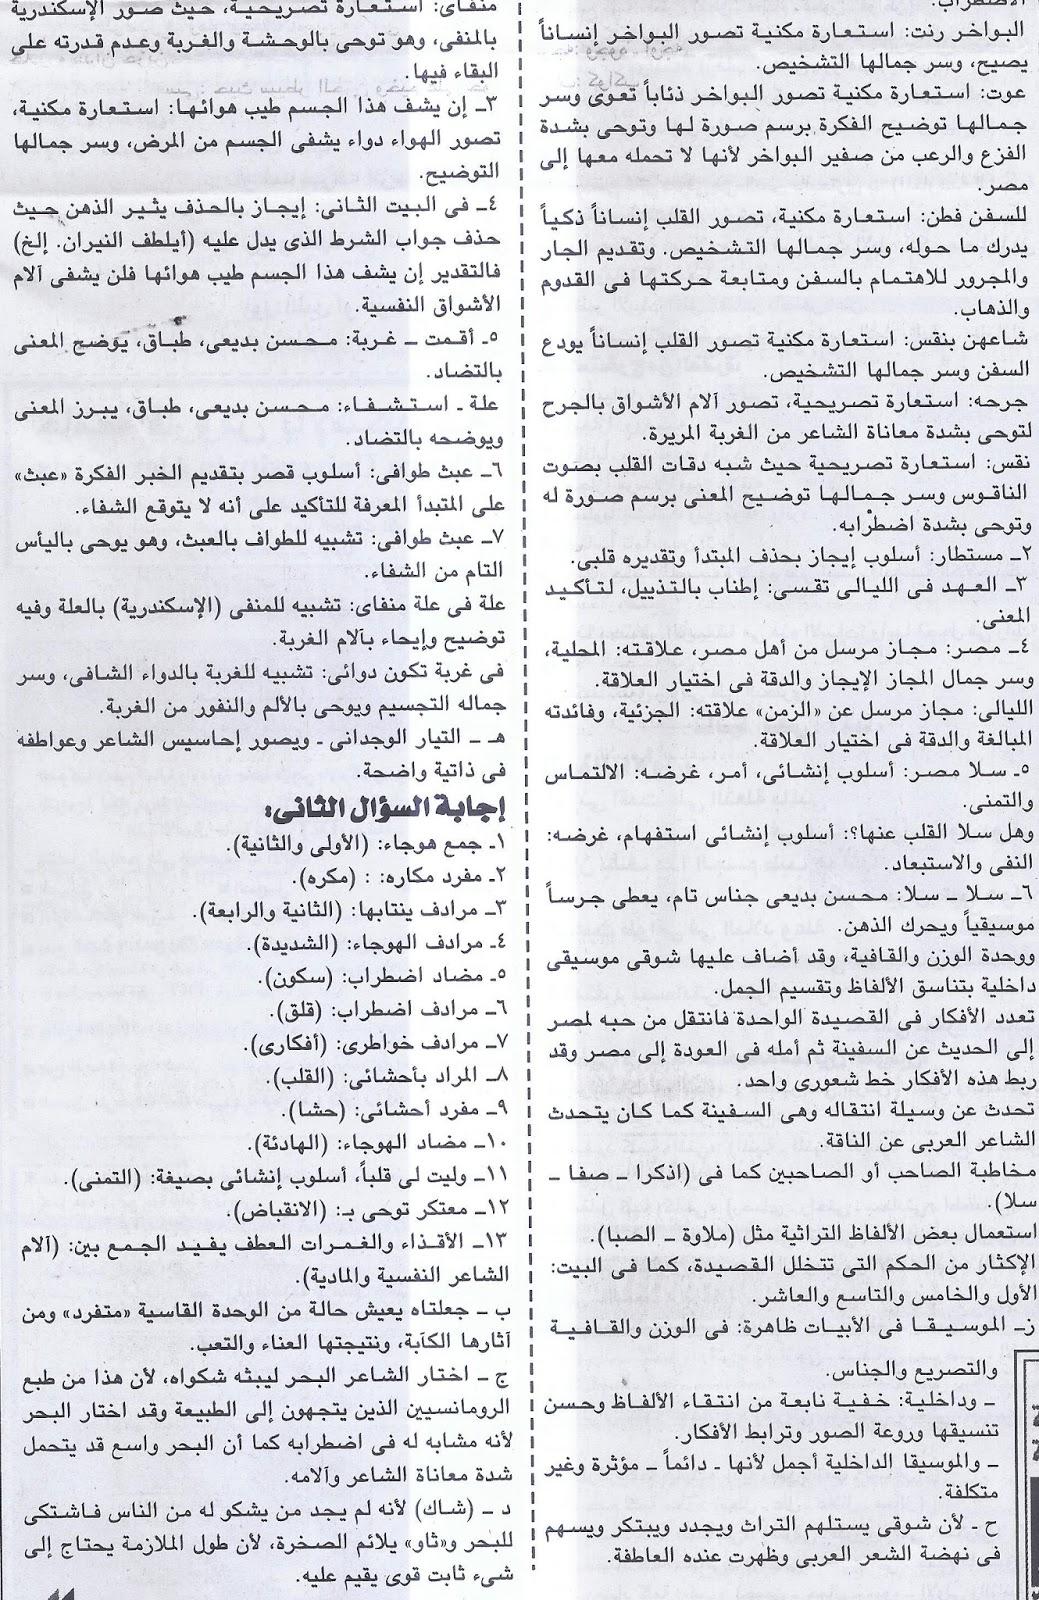 اهم توقعات النصوص للثانوية العامة.. ملحق الجمهورية التعليمي Scan0028